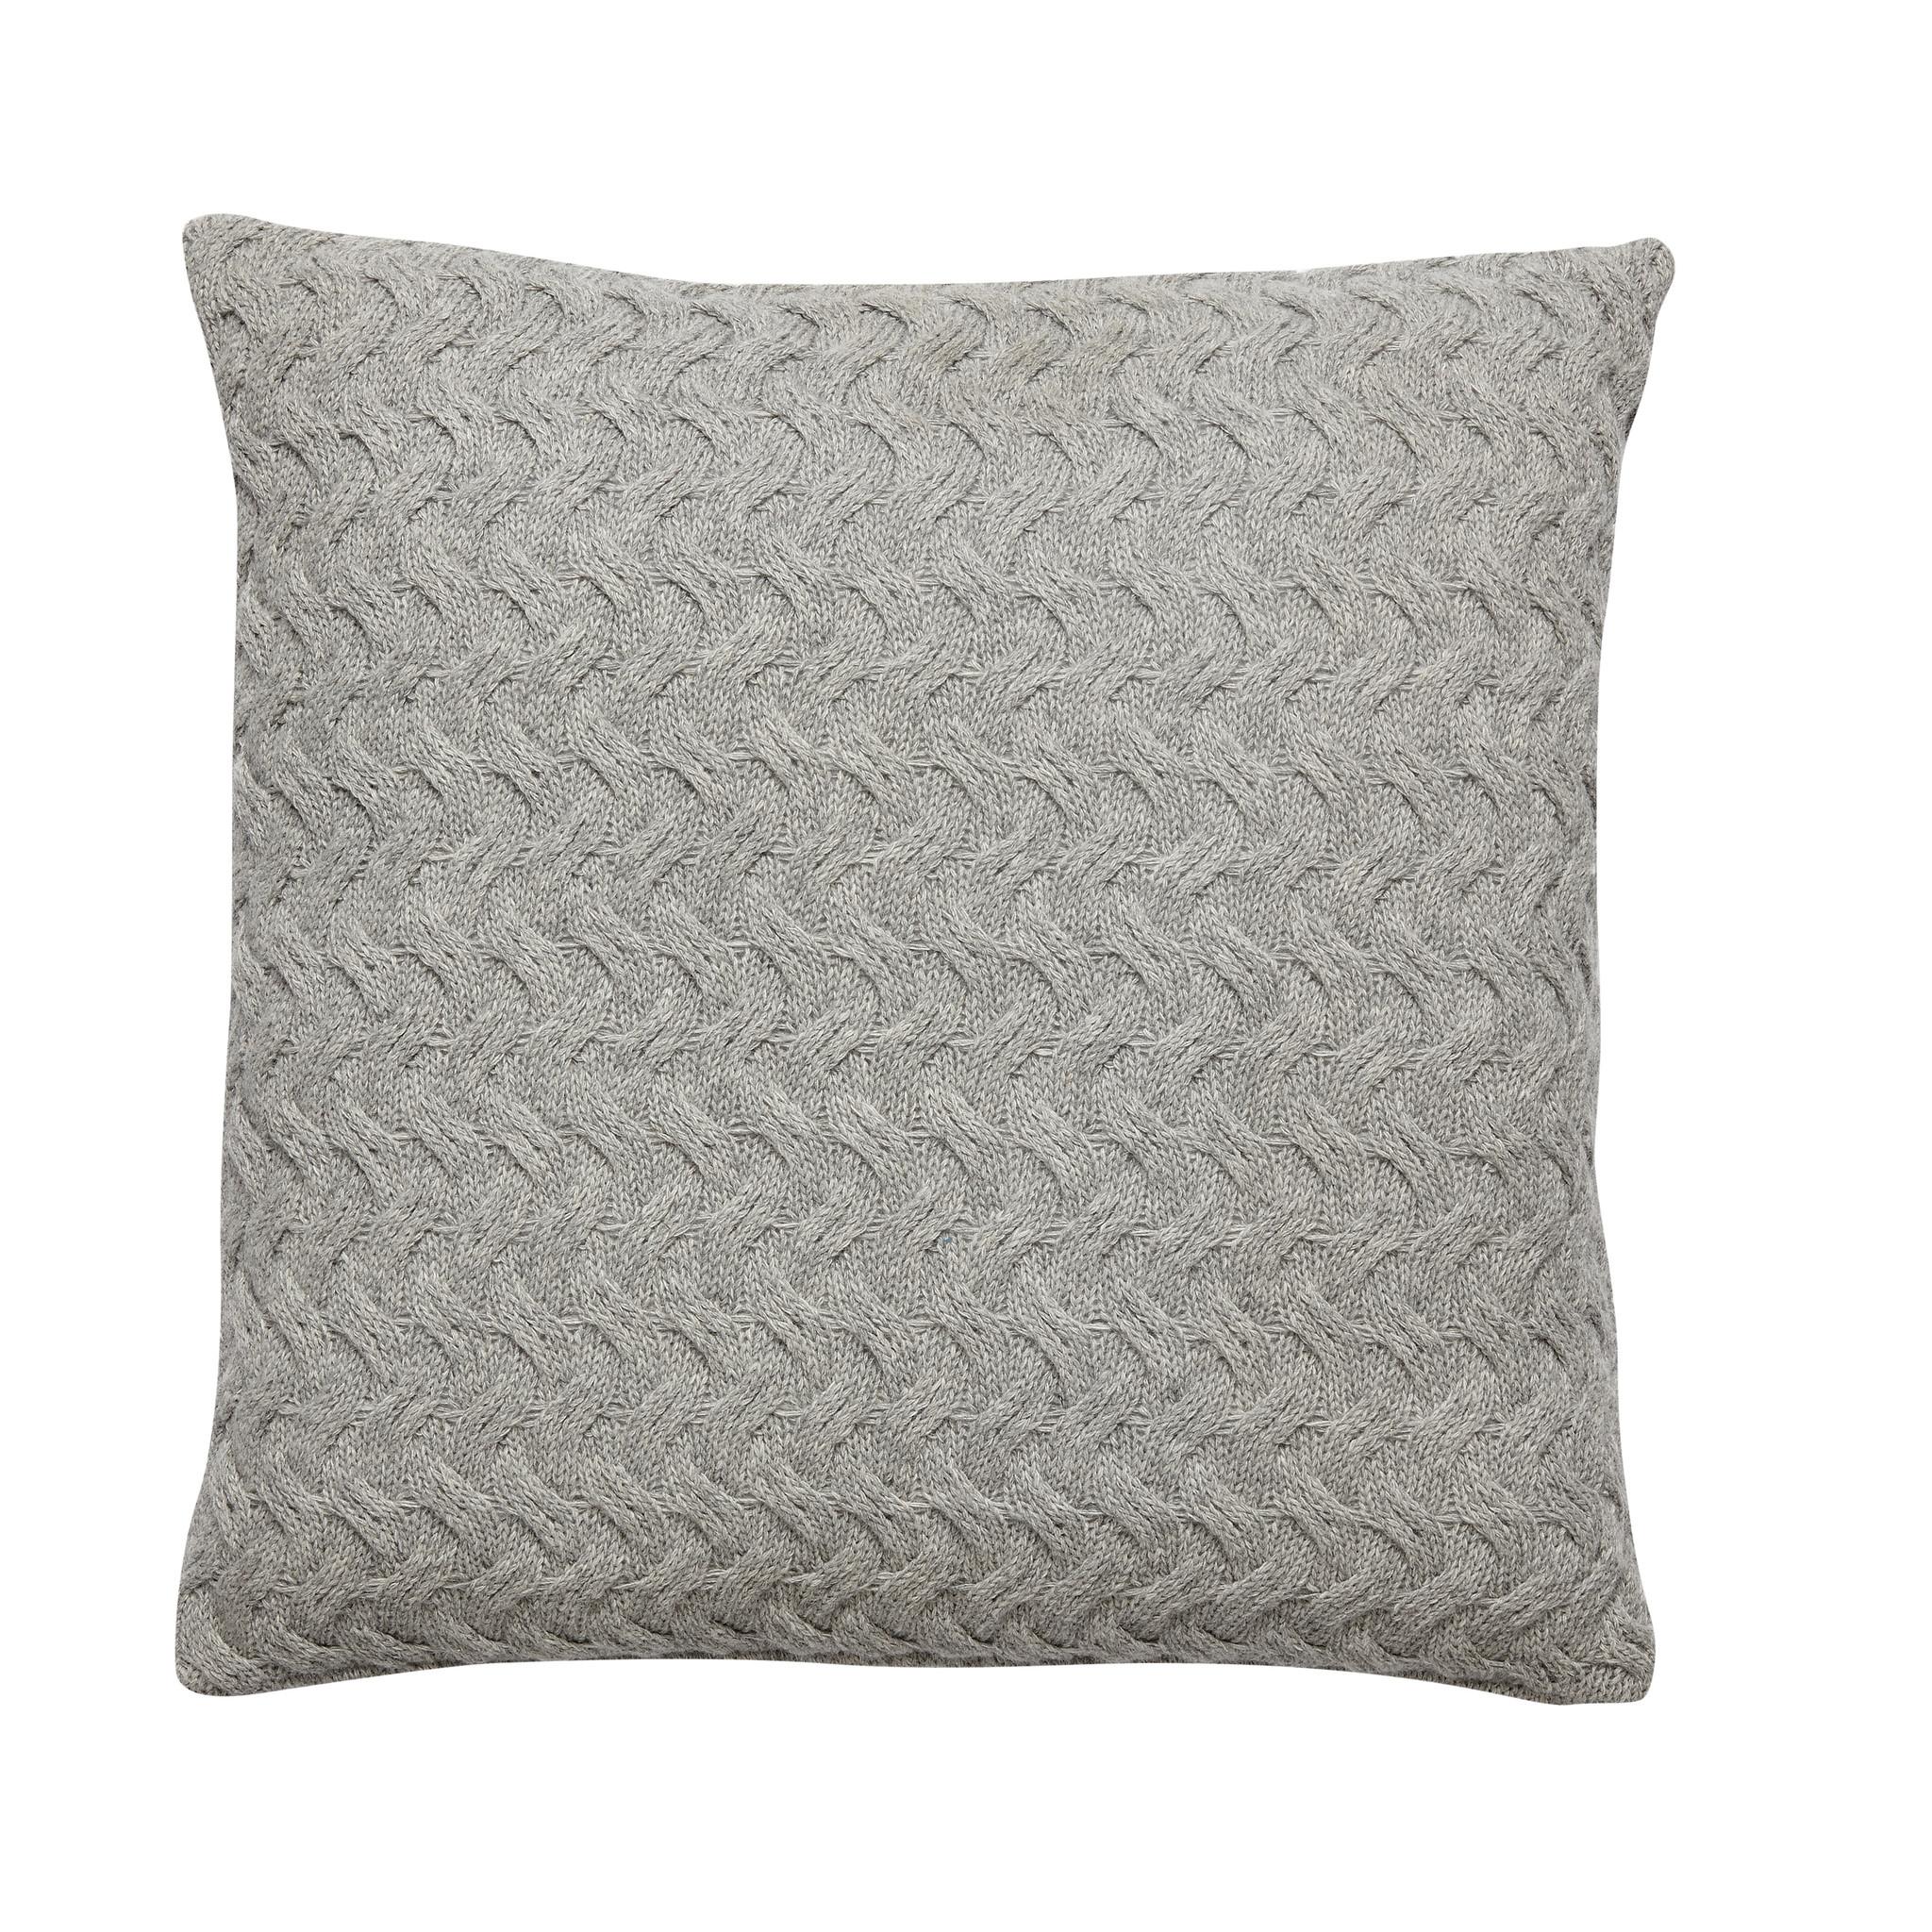 Hubsch Kussen met patroon, lamswol, grijs